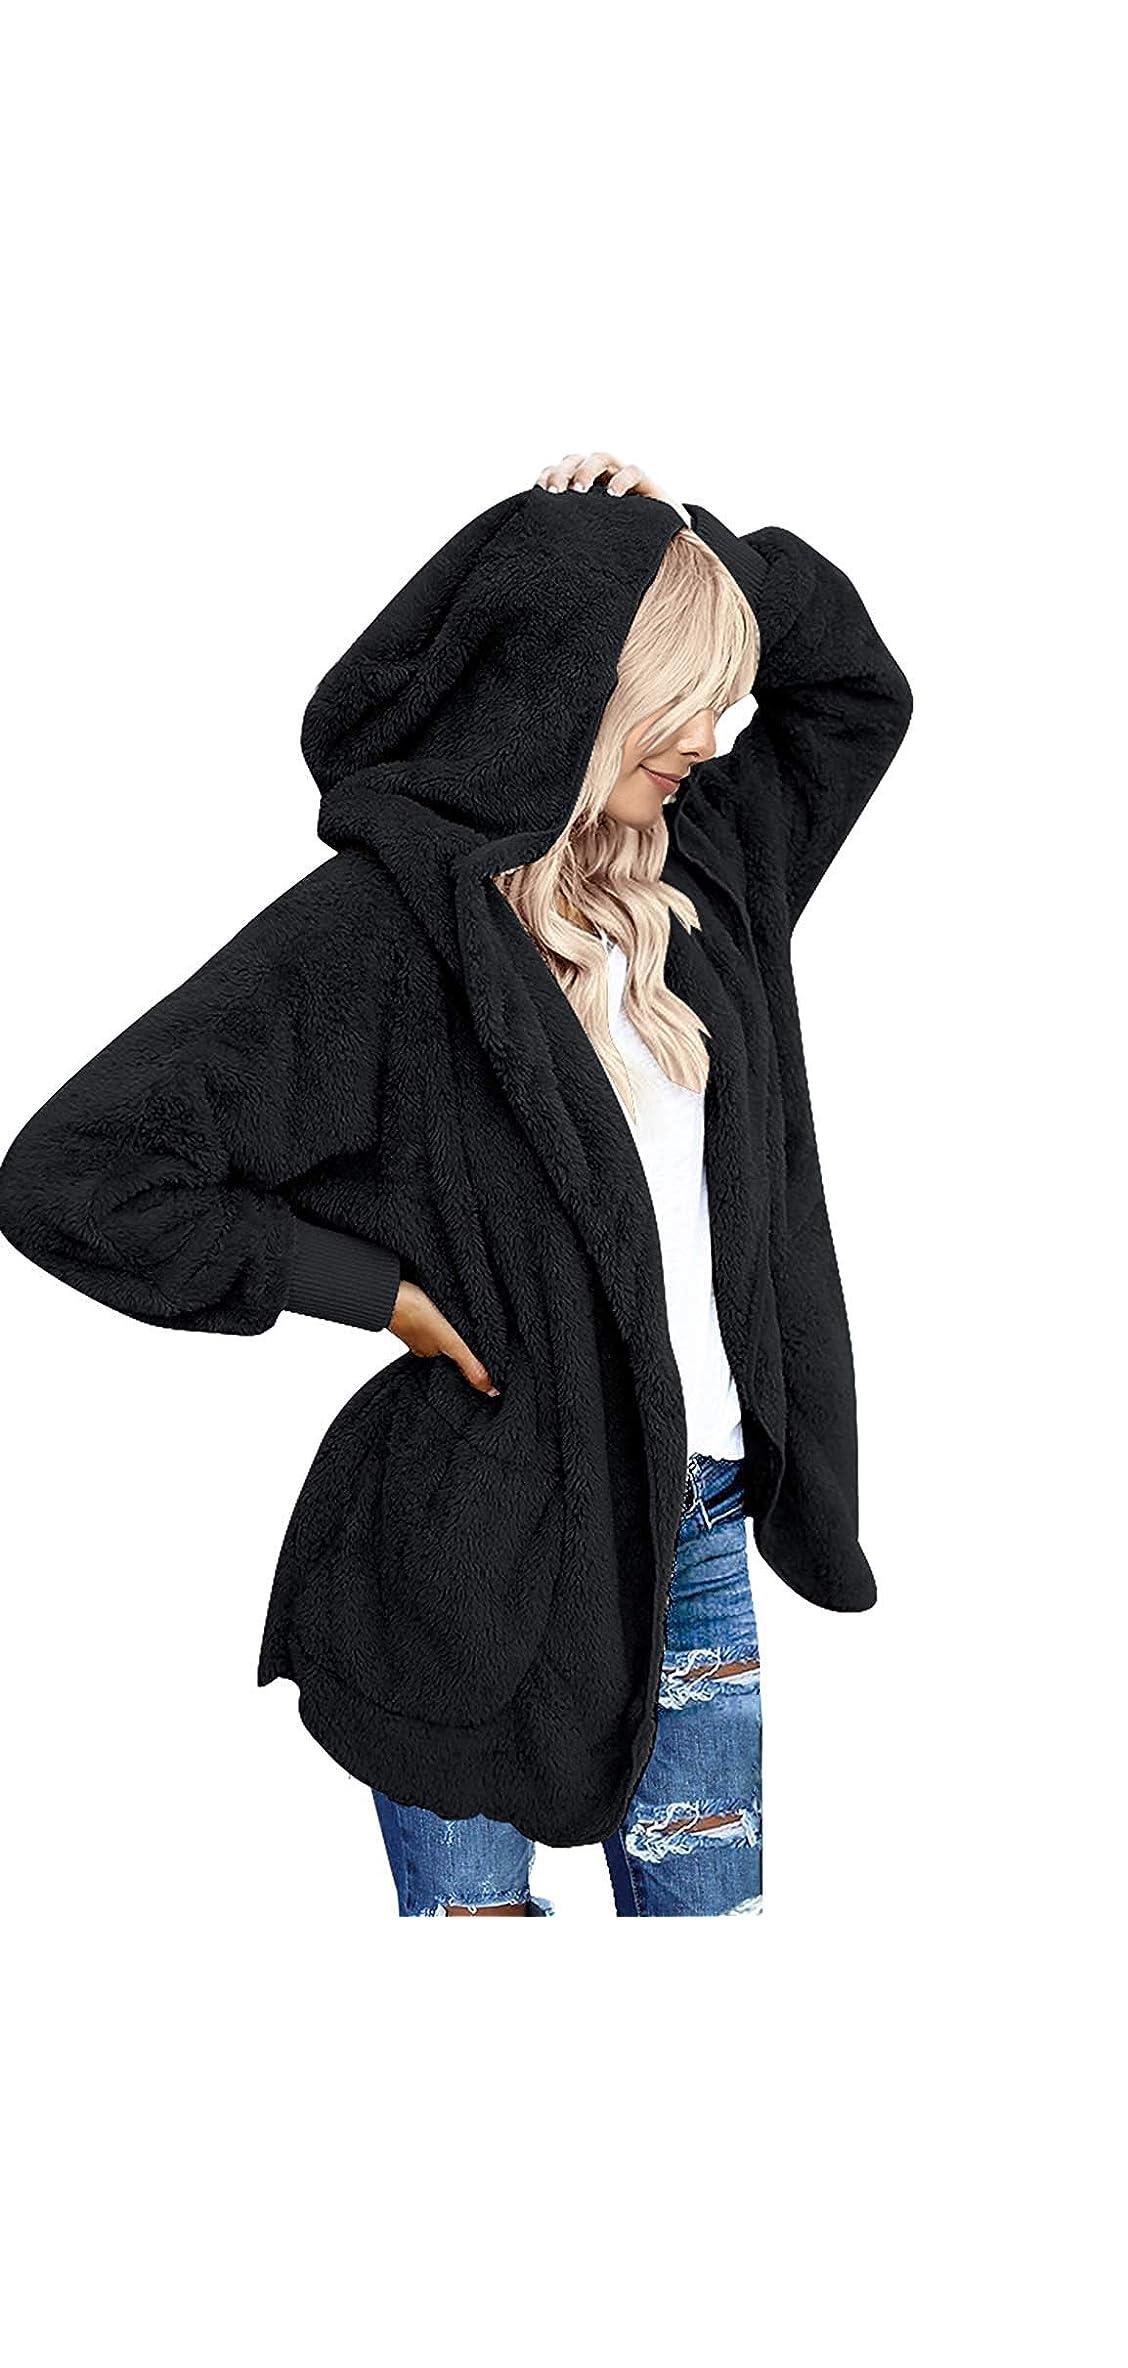 Womens Fuzzy Fleece Open Front Hooded Cardigan Jackets